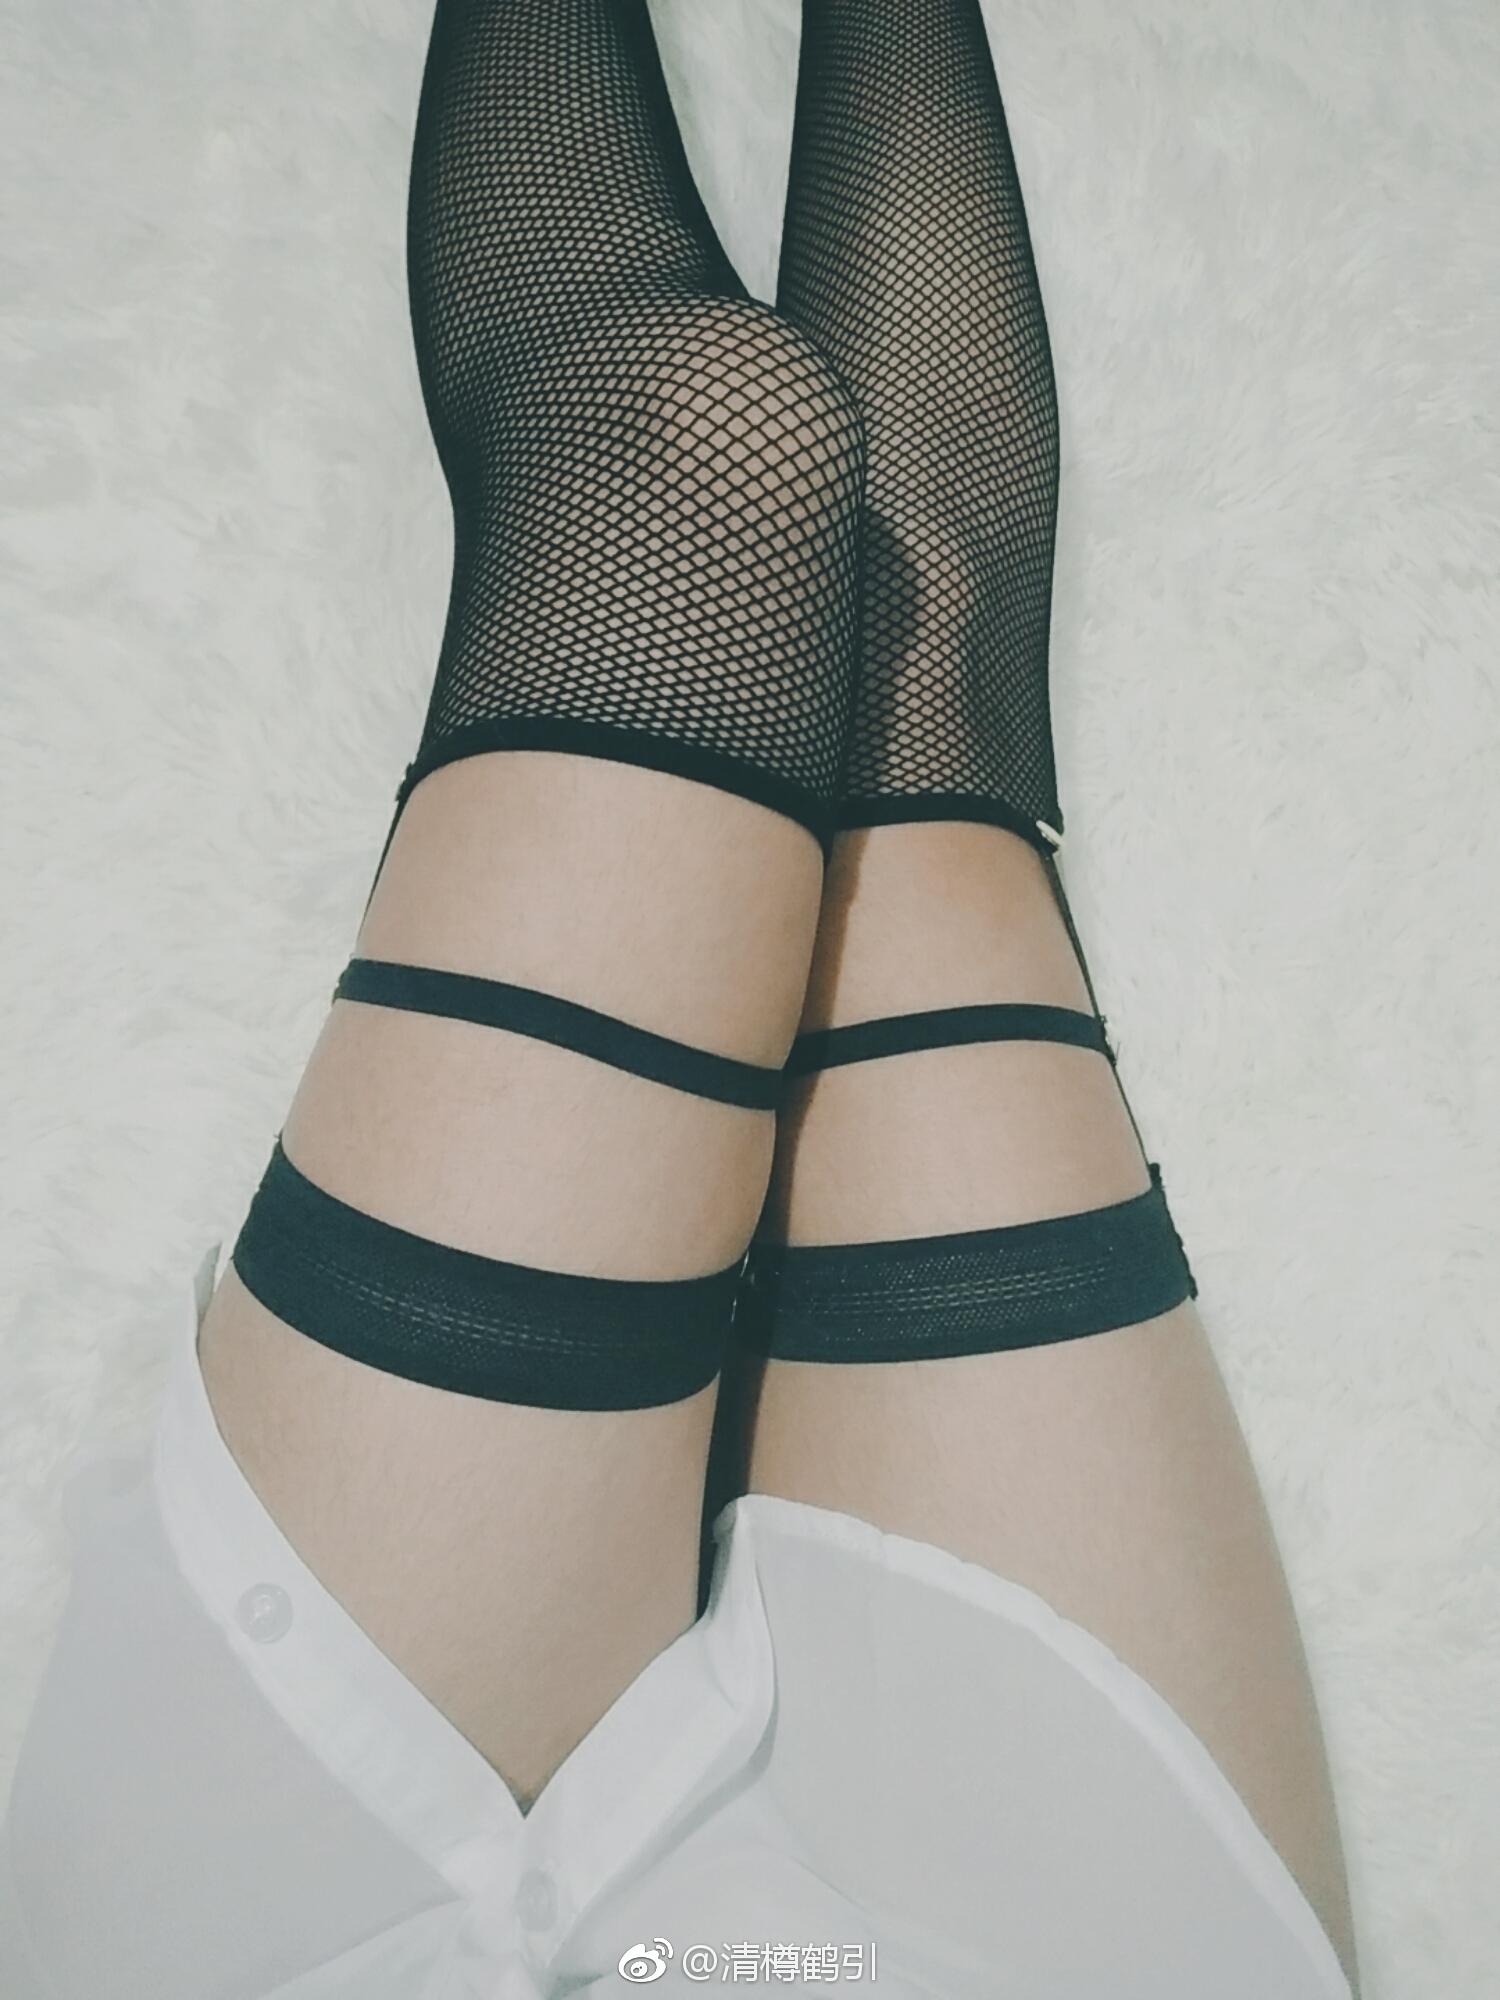 一双可以玩一晚上的萌妹子网袜骚腿!(9P)